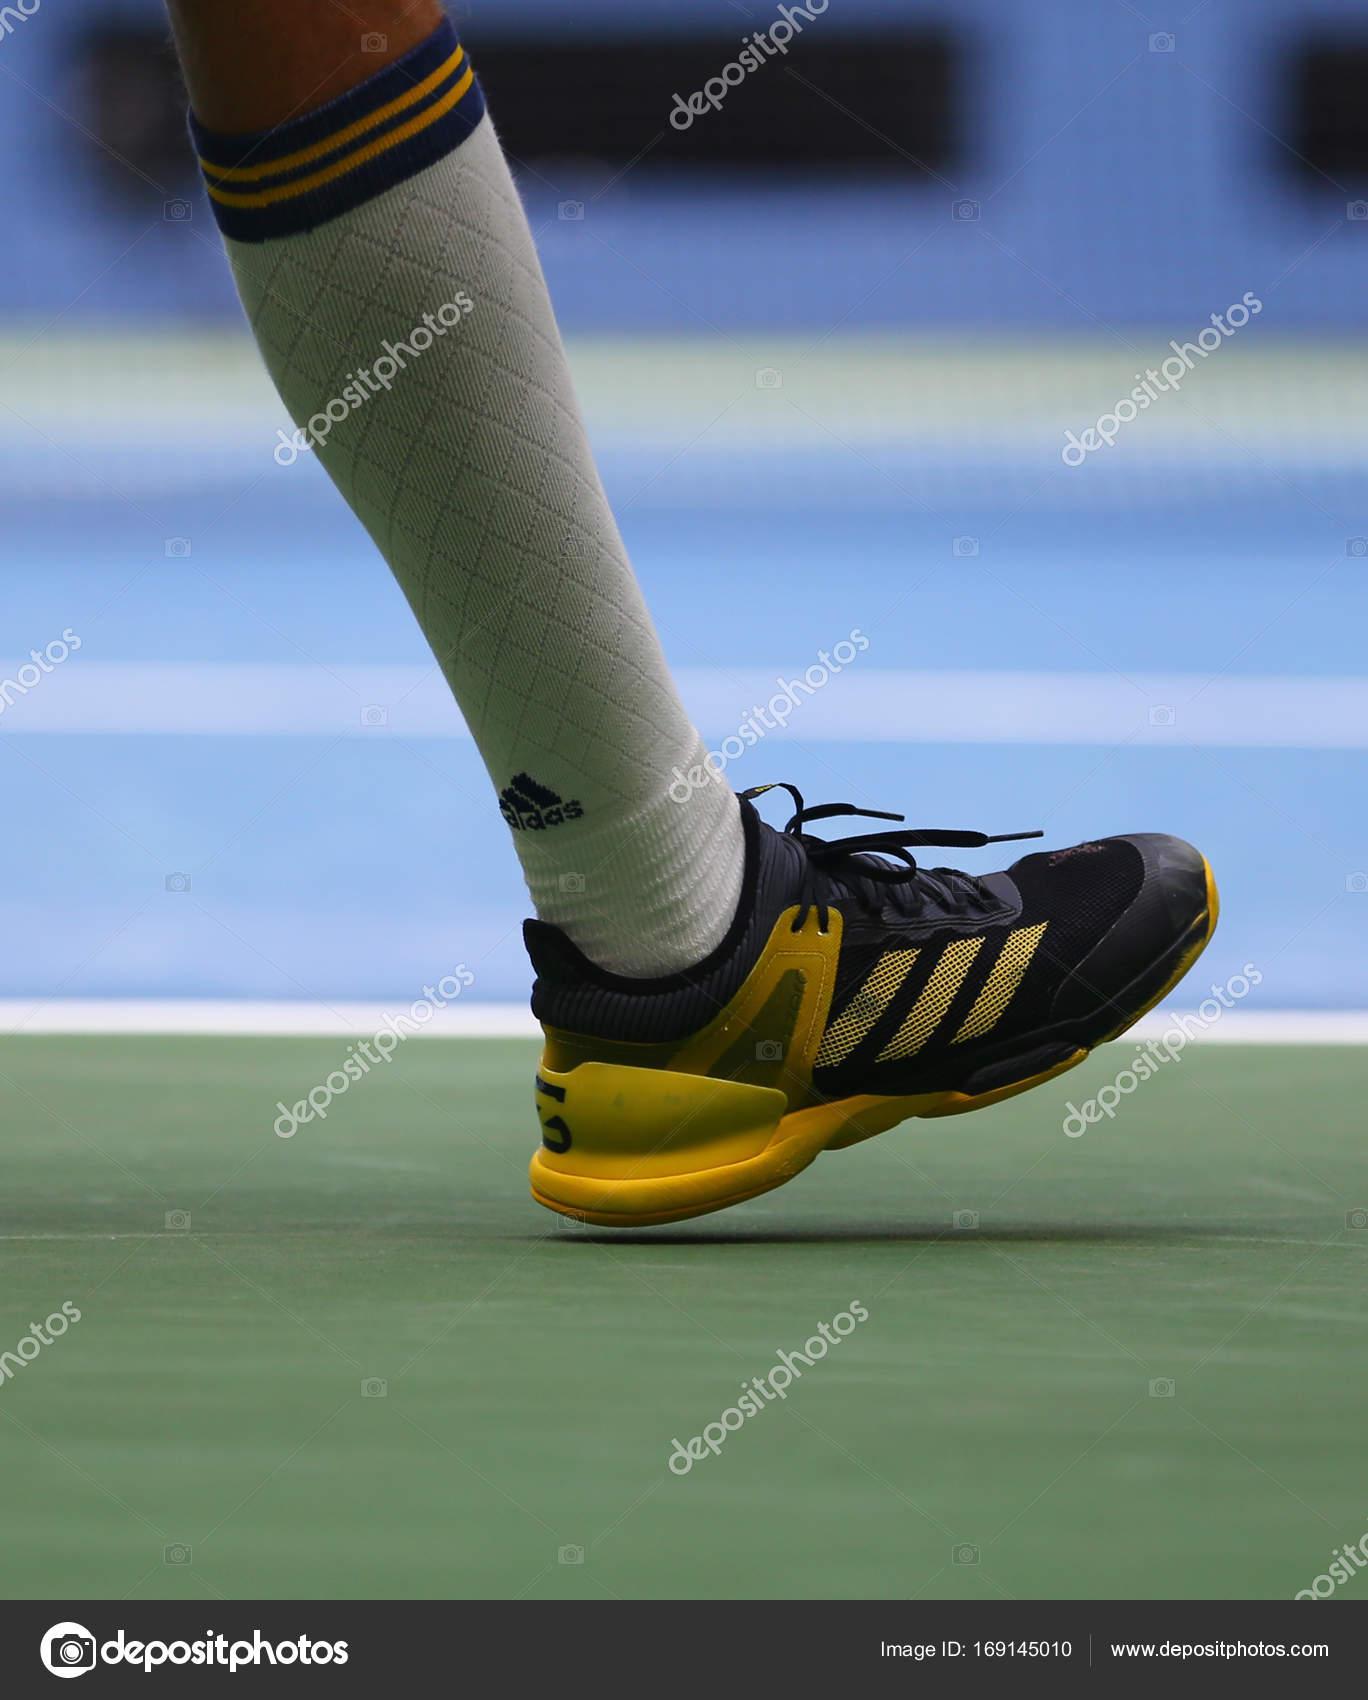 Giocatore di tennis professionista Alexander Zverev della